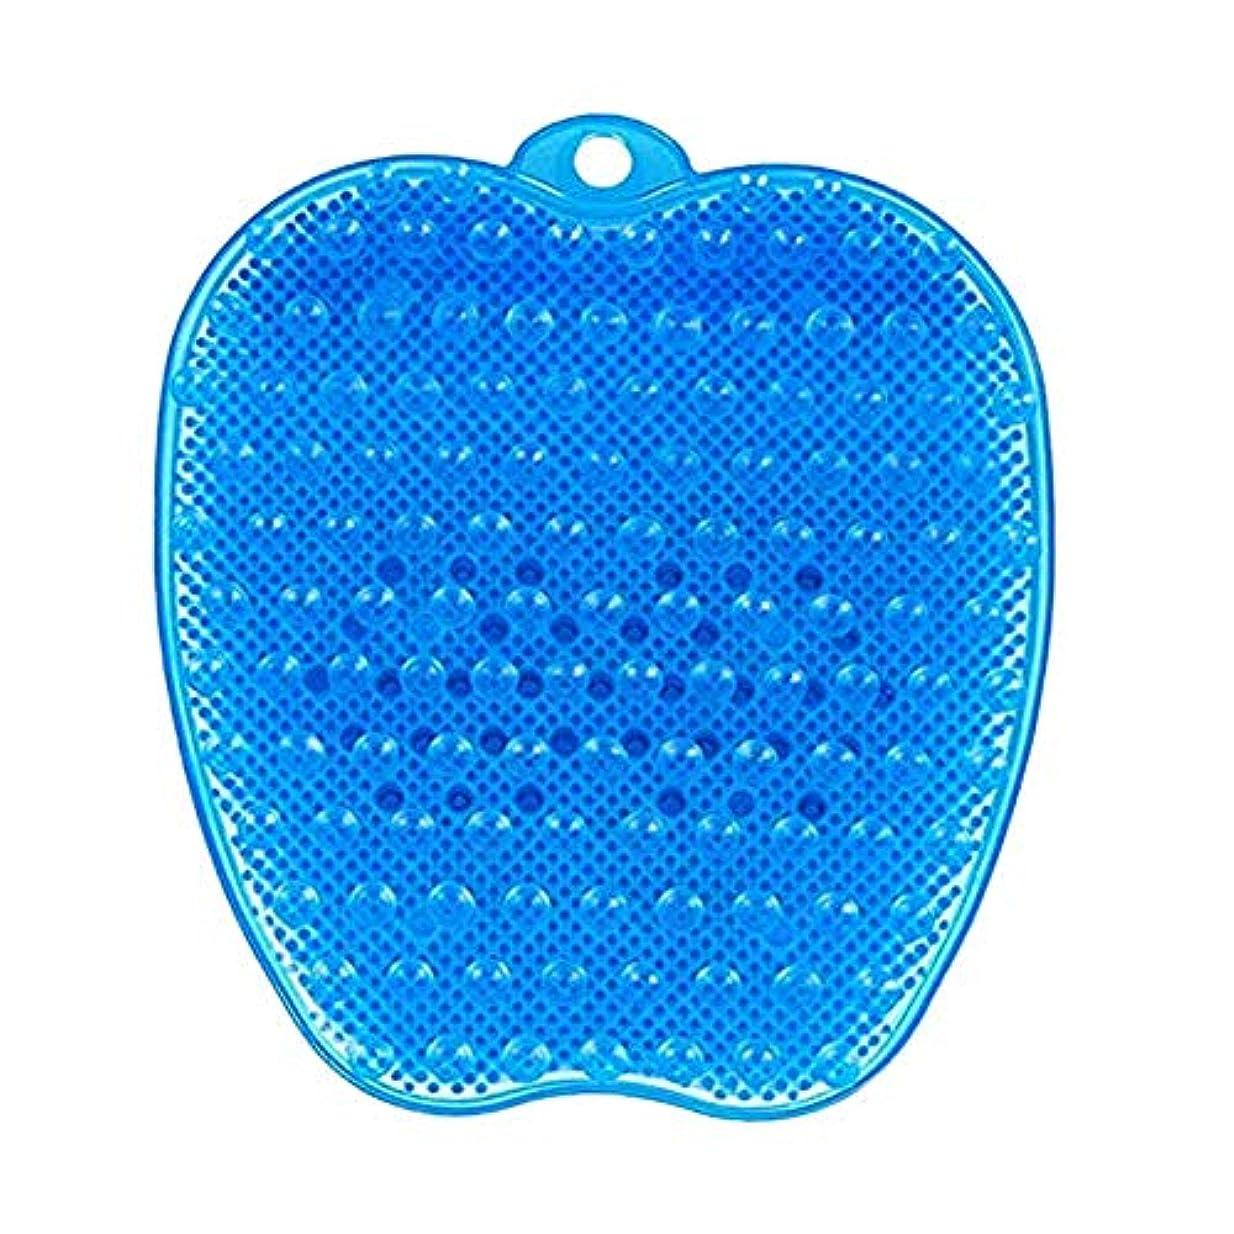 アフリカ反射要求LITI 足洗いマット 足洗いブラシ 滑らない吸盤付き フットケア フットブラシ 角質ケアブラシ お風呂で使える